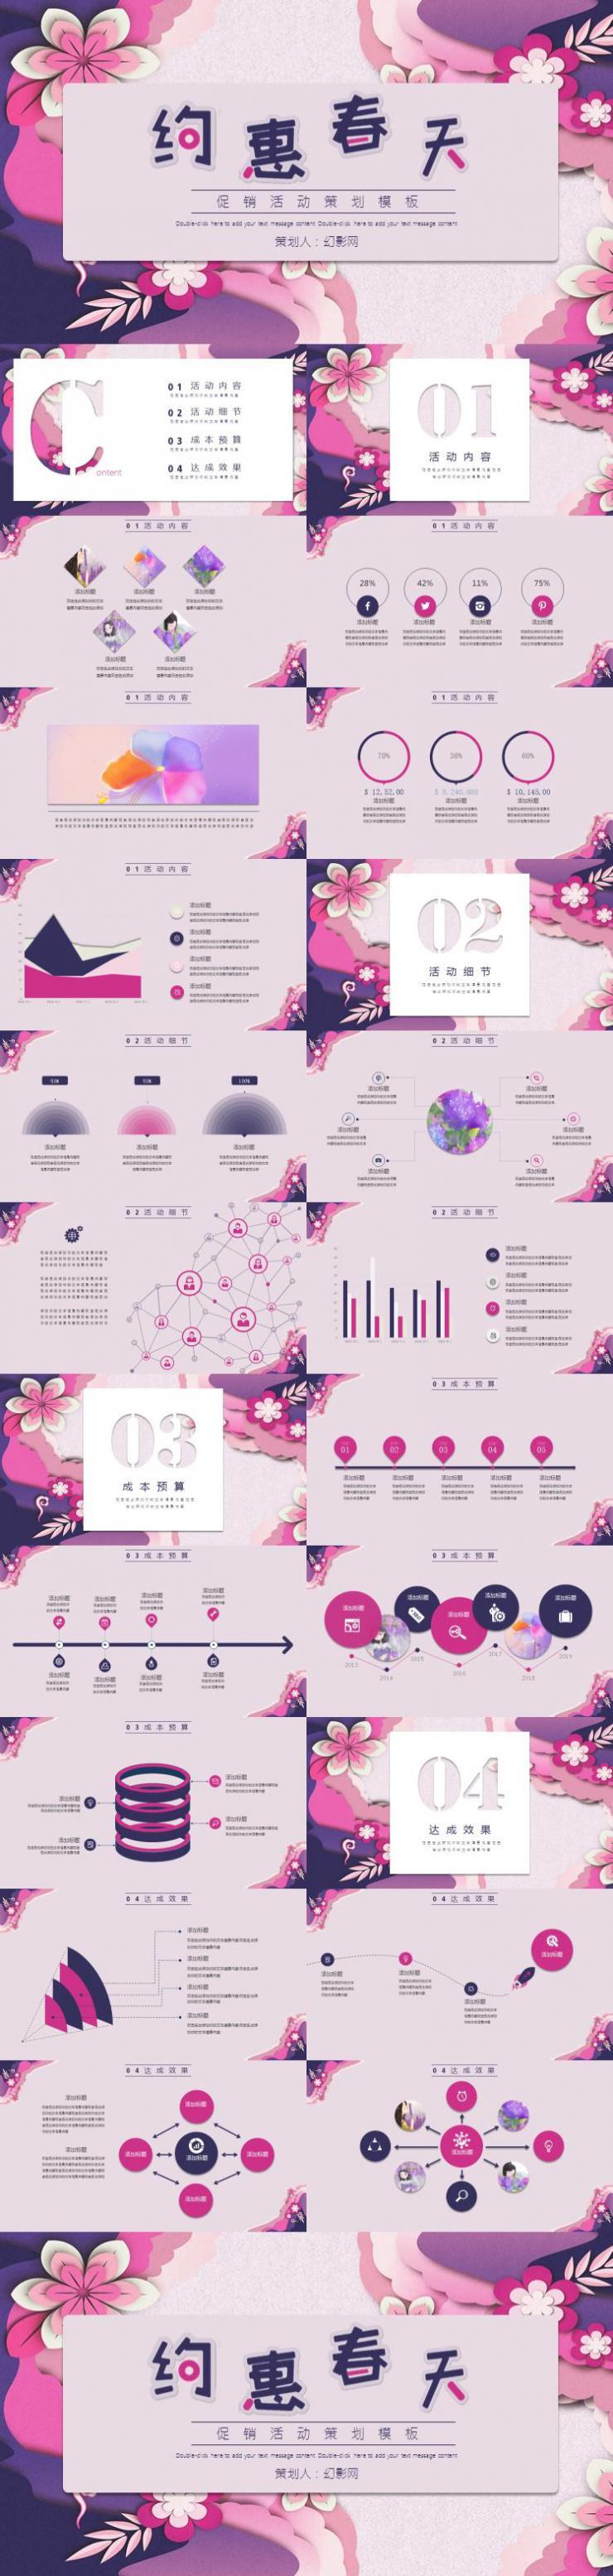 简约紫色花卉促销活动策划PPT模板